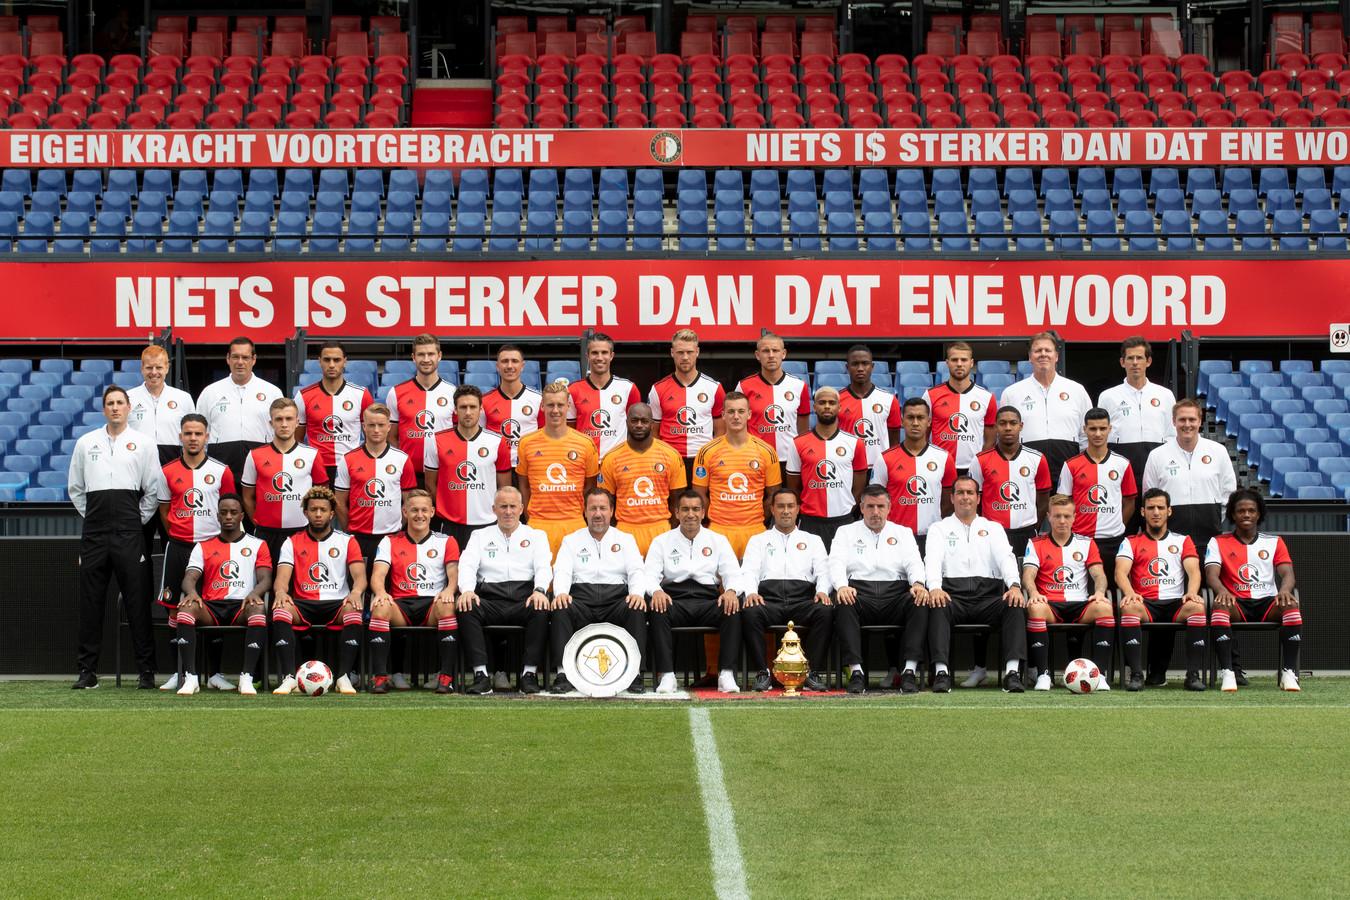 De selectie van Feyenoord.